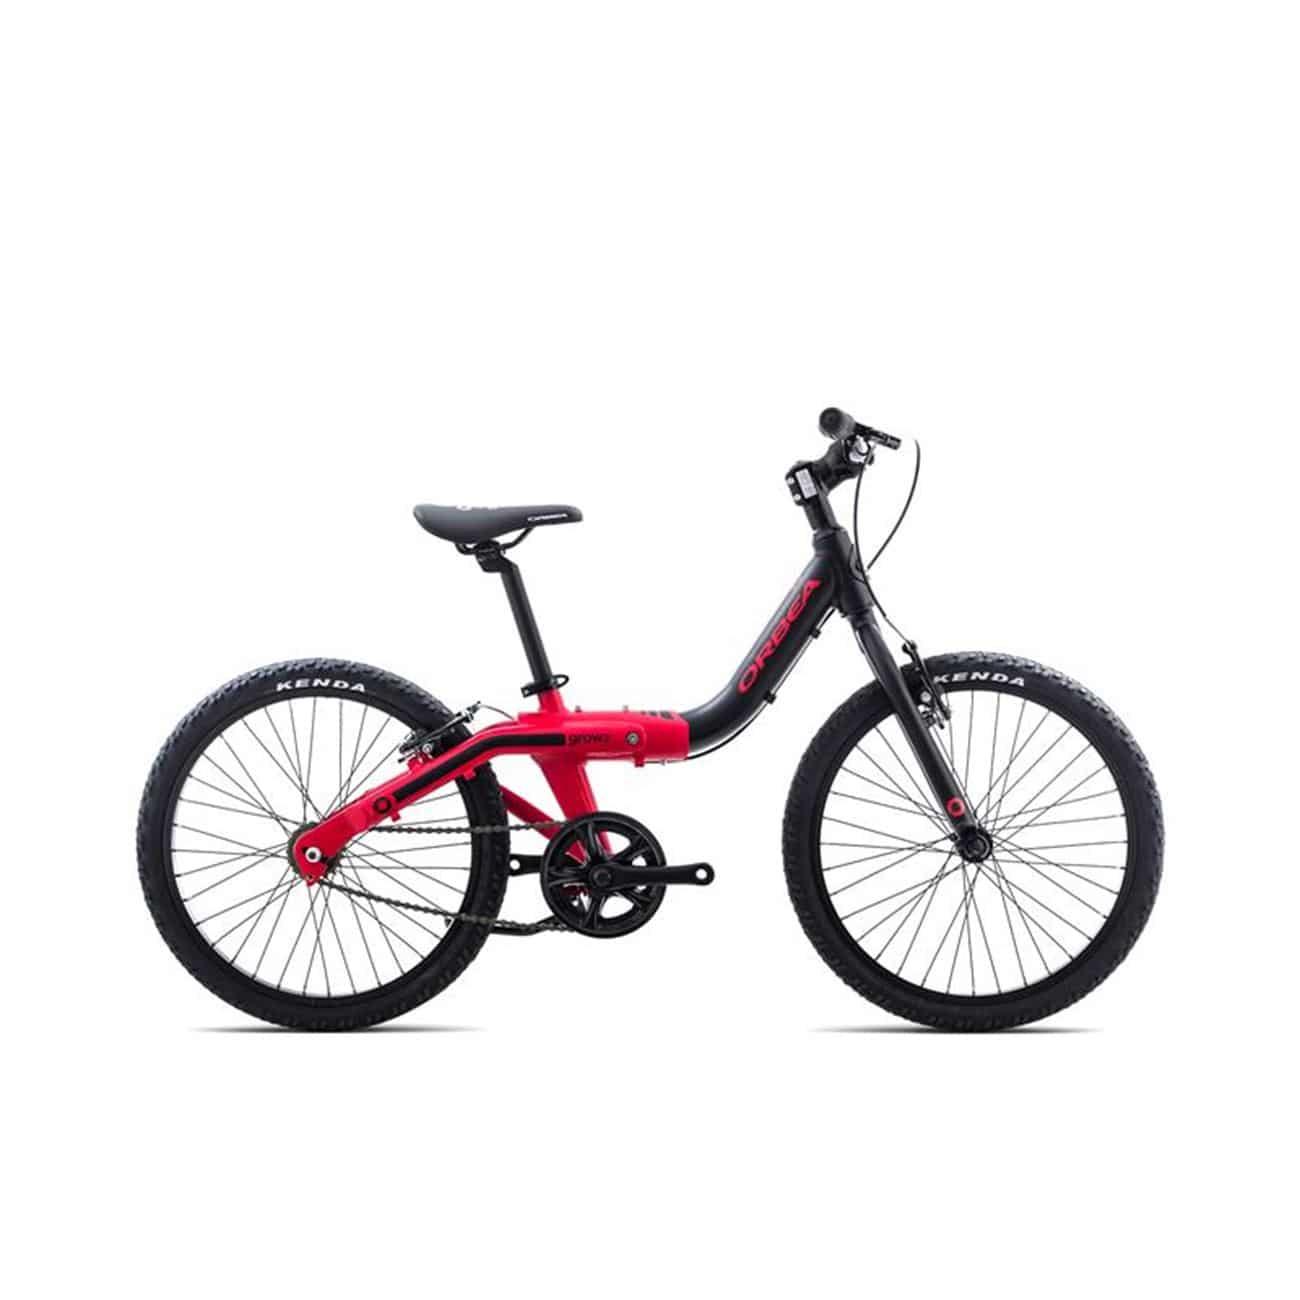 """Ποδήλατο Orbea Grow 2 Παιδικό 20"""" - Ποδήλατα"""